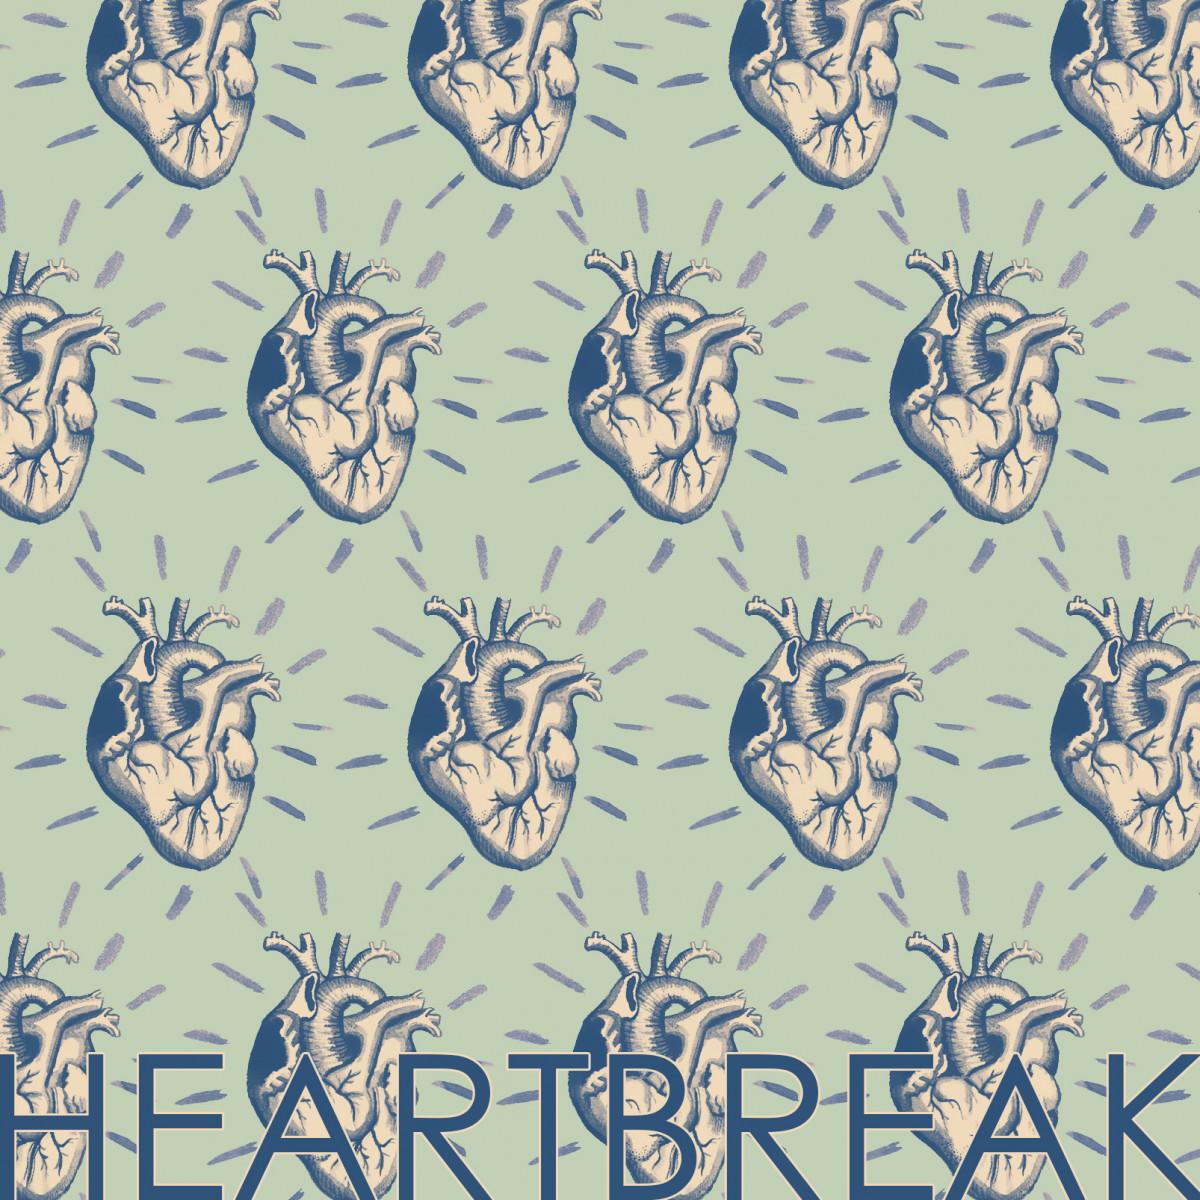 DISKUSSION: HEARTBREAK